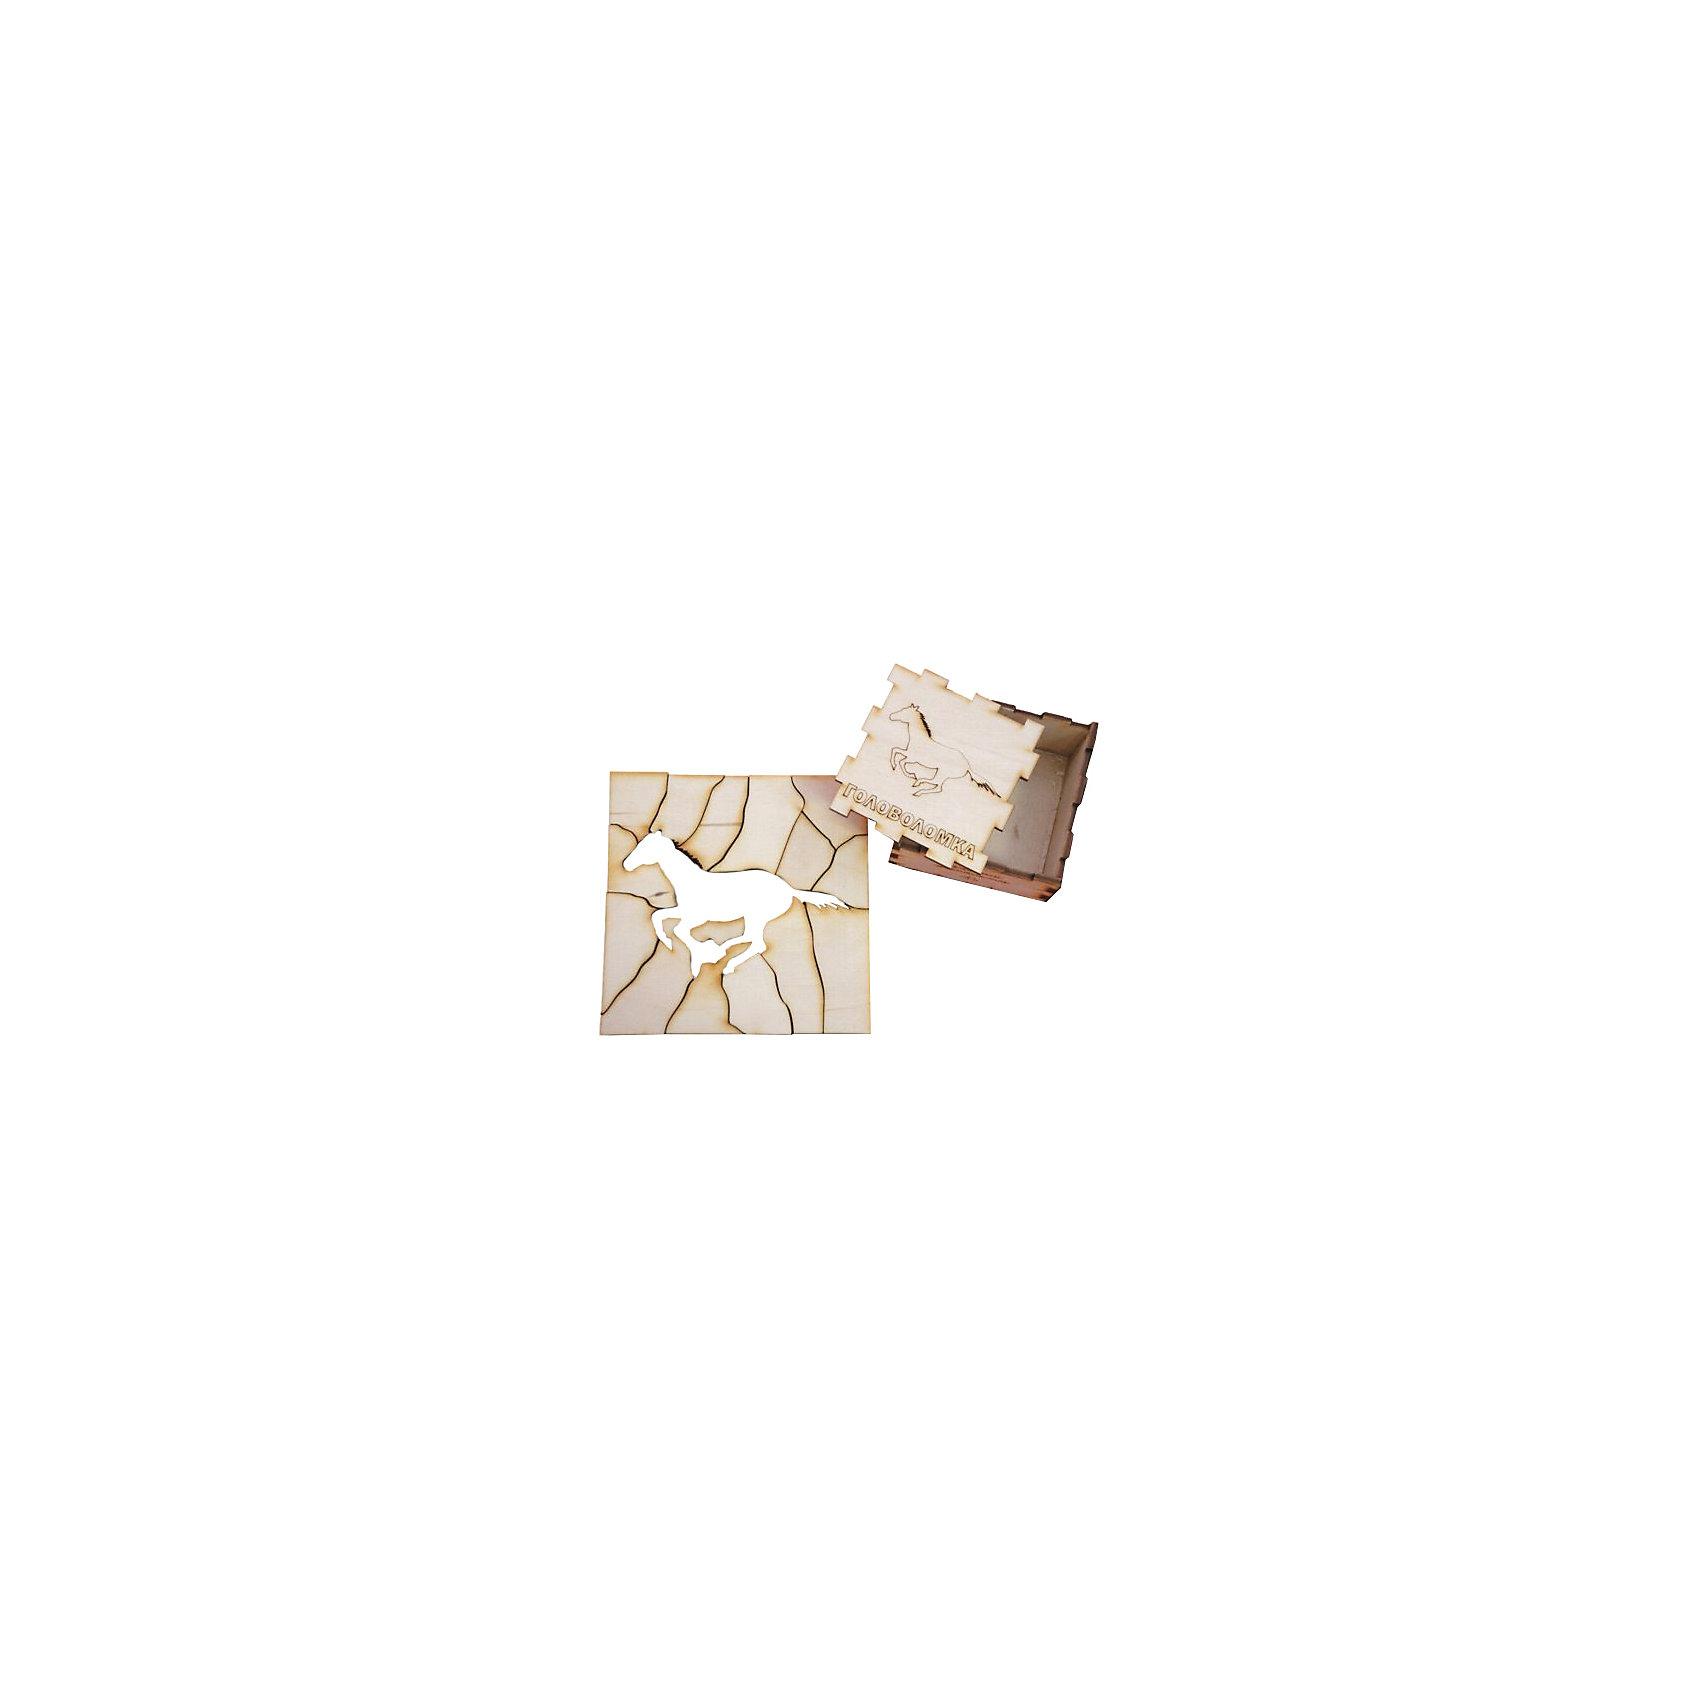 Головоломка Лошадь, ПолноцветДеревянные головоломки<br>Характеристики:<br><br>• возраст: от 5 лет;<br>• уровень сложности: 4;<br>• материал: фанера березовая шлифованная ФК, 3 мм ;<br>• размер упаковки: 6х6х3 см;<br>• вес упаковки: 70 г;<br>• тип упаковки: деревянная коробка.<br><br>Головоломка - это прекрасный инструмент для ума, вырабатывающий неординарное видение. Головоломку можно раскрасить красками, карандашами или фломастерами. Деревянная коробка с крышкой вмещает детали головоломки. Чтобы решить головоломку, нужно собрать квадрат с выемкой в виде лошади.<br><br>Развивающие занятия стимулируют логику, пространственное мышление и тренируют мелкую моторику.<br><br>Головоломку «Лошадь», Полноцвет можно приобрести в нашем интернет-магазине.<br><br>Ширина мм: 30<br>Глубина мм: 60<br>Высота мм: 60<br>Вес г: 70<br>Возраст от месяцев: 36<br>Возраст до месяцев: 2147483647<br>Пол: Унисекс<br>Возраст: Детский<br>SKU: 7025956